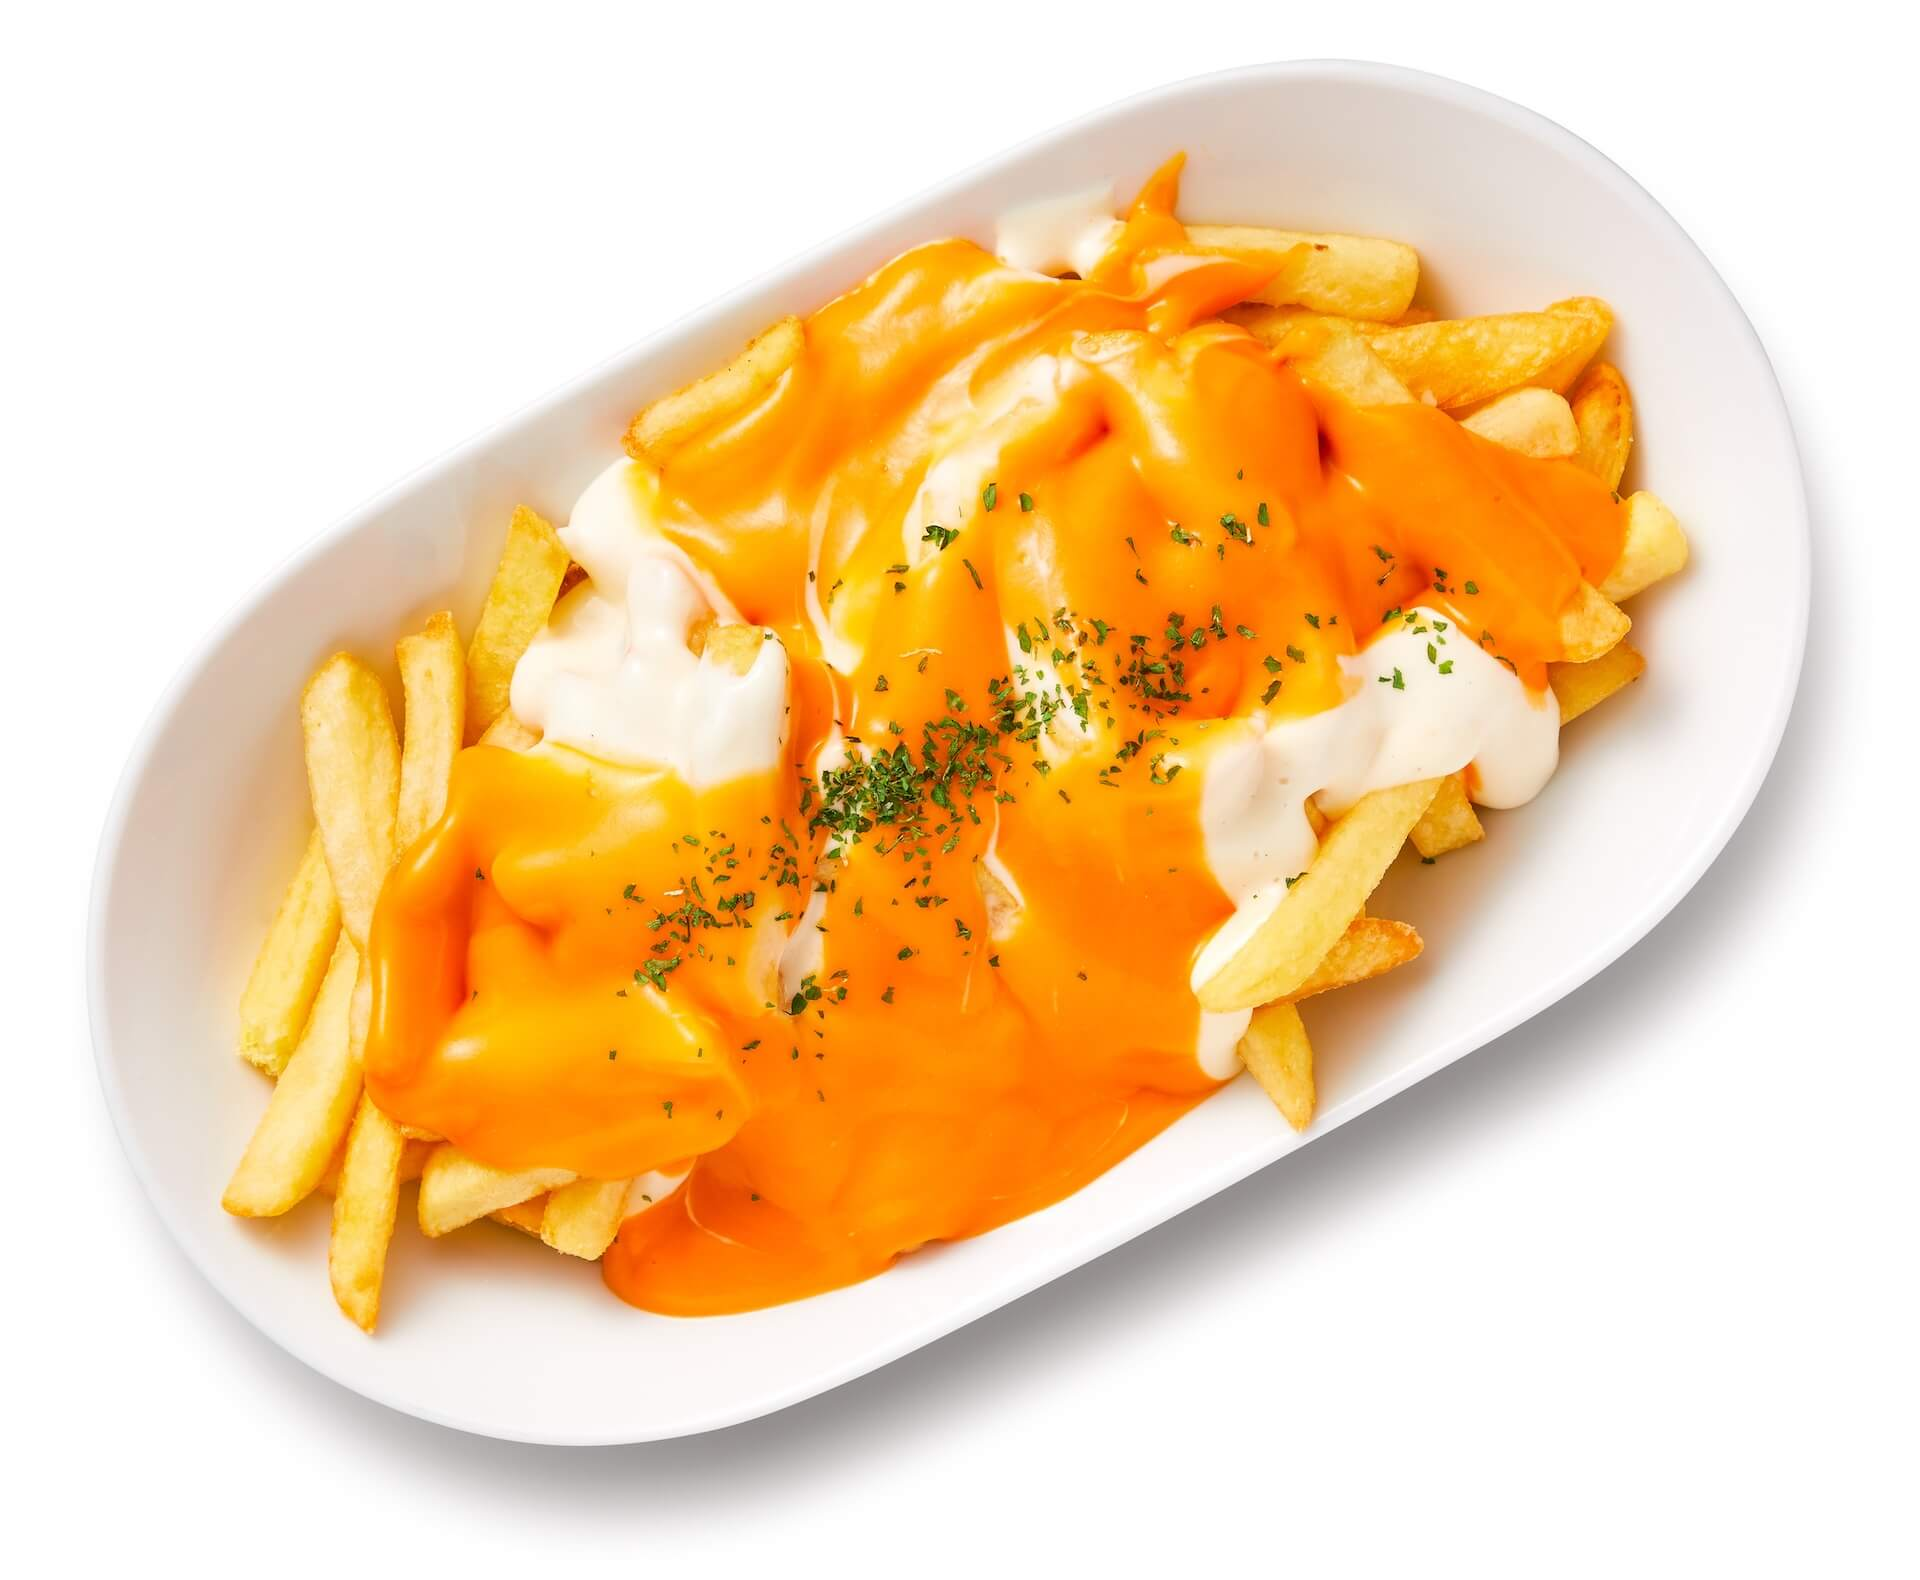 【超朗報】IKEAで<チーズ フェア>が開催!チーズにまみれのホットドッグ、ナチョス、カルボナーラ、スープ、ケーキを味わおう food191112-ikea-cheeze-3